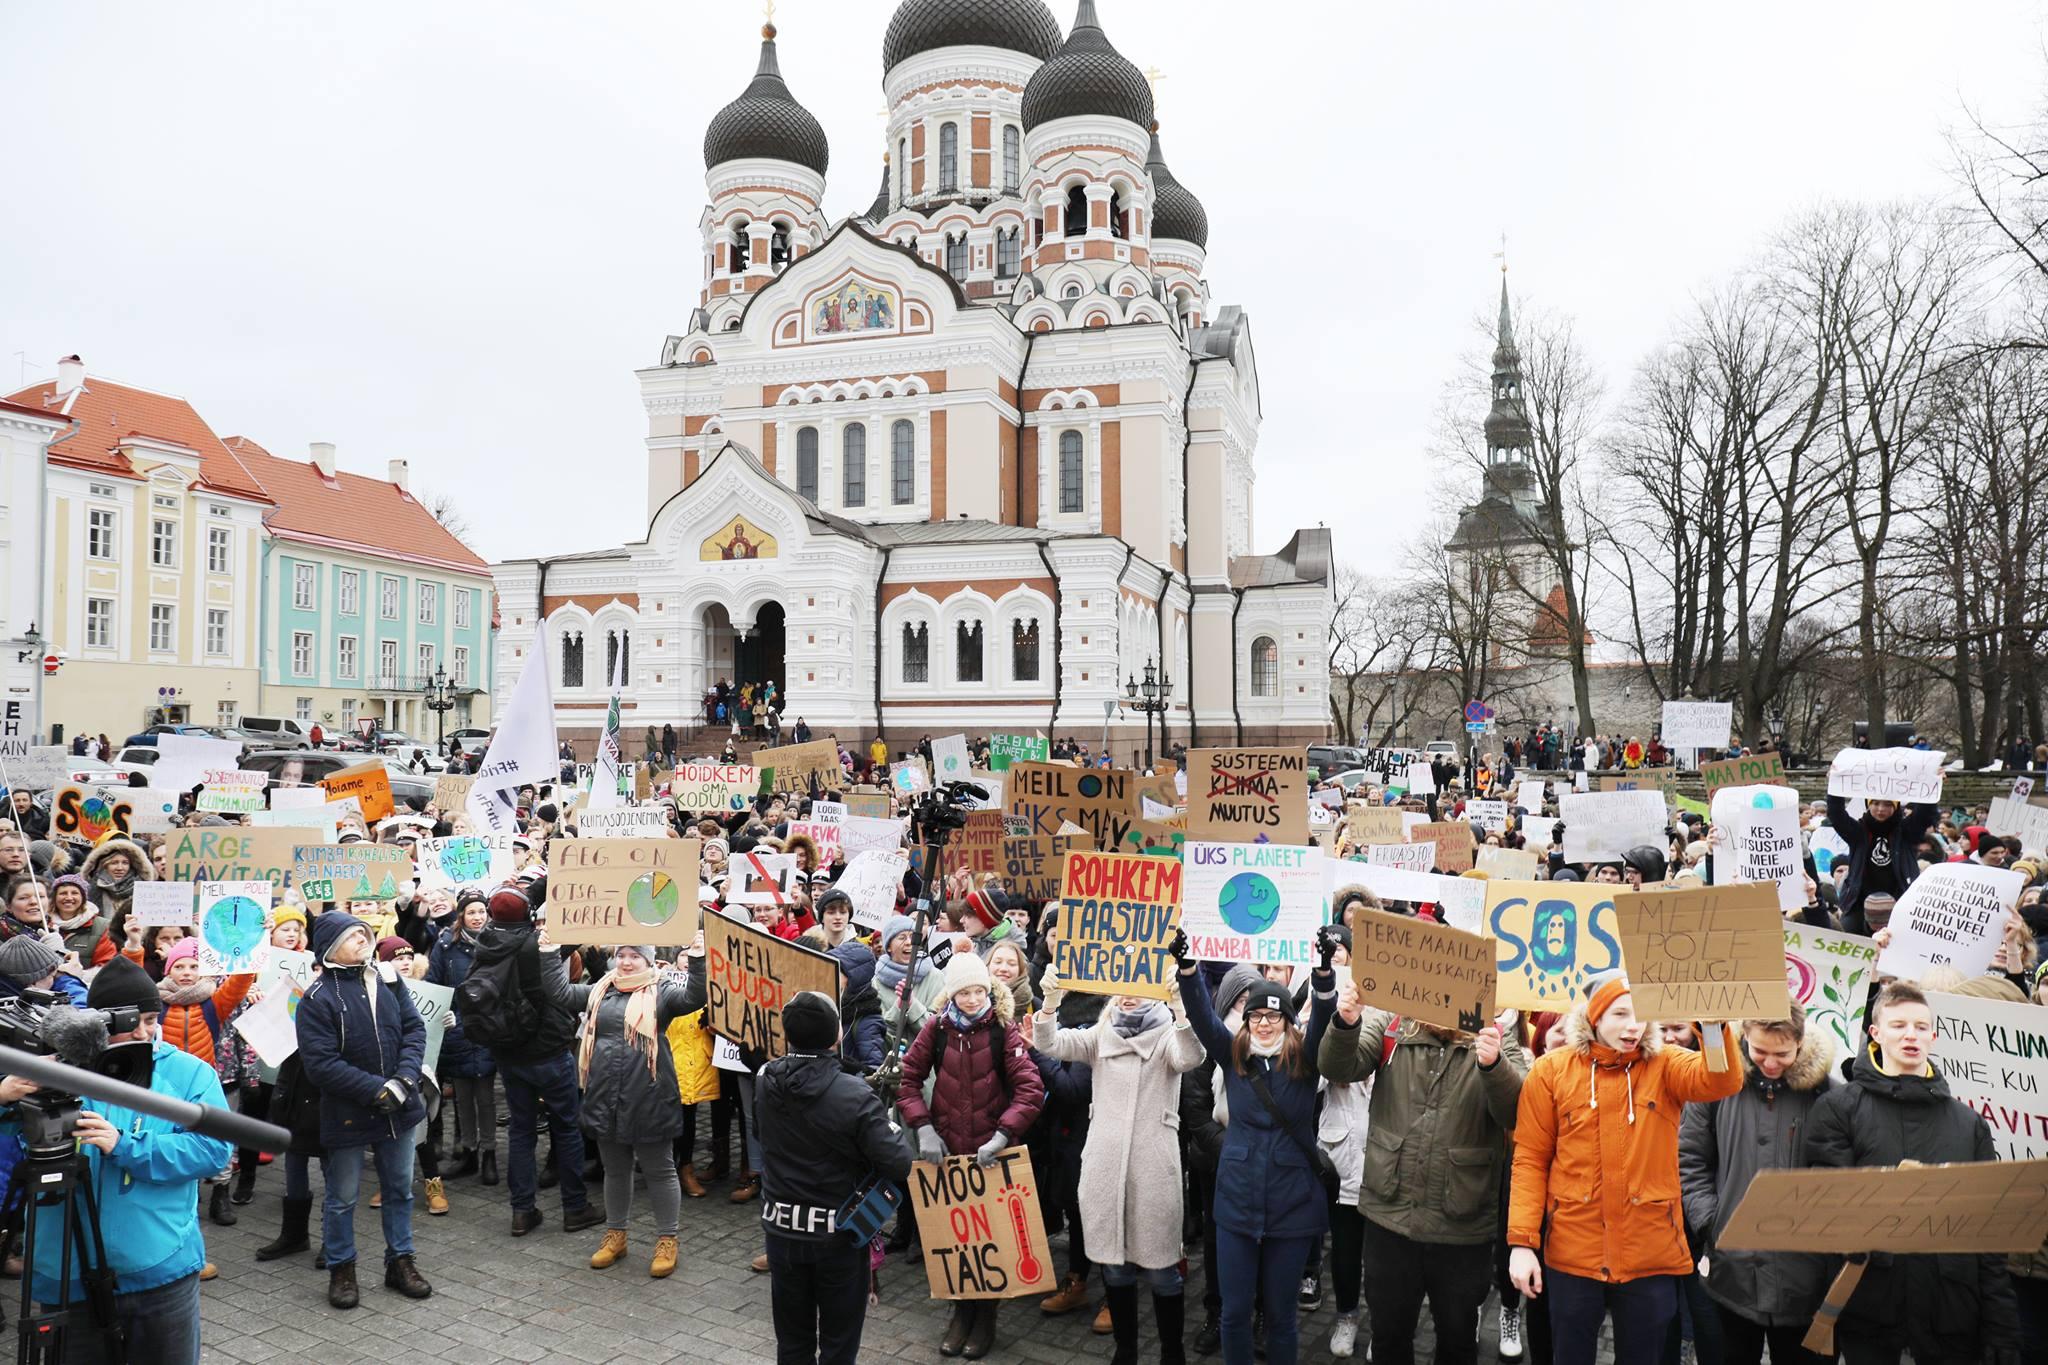 Kliimastreigi korraldanud koolinoorte pöördumine koalitsioonikõneluste juhtide poole